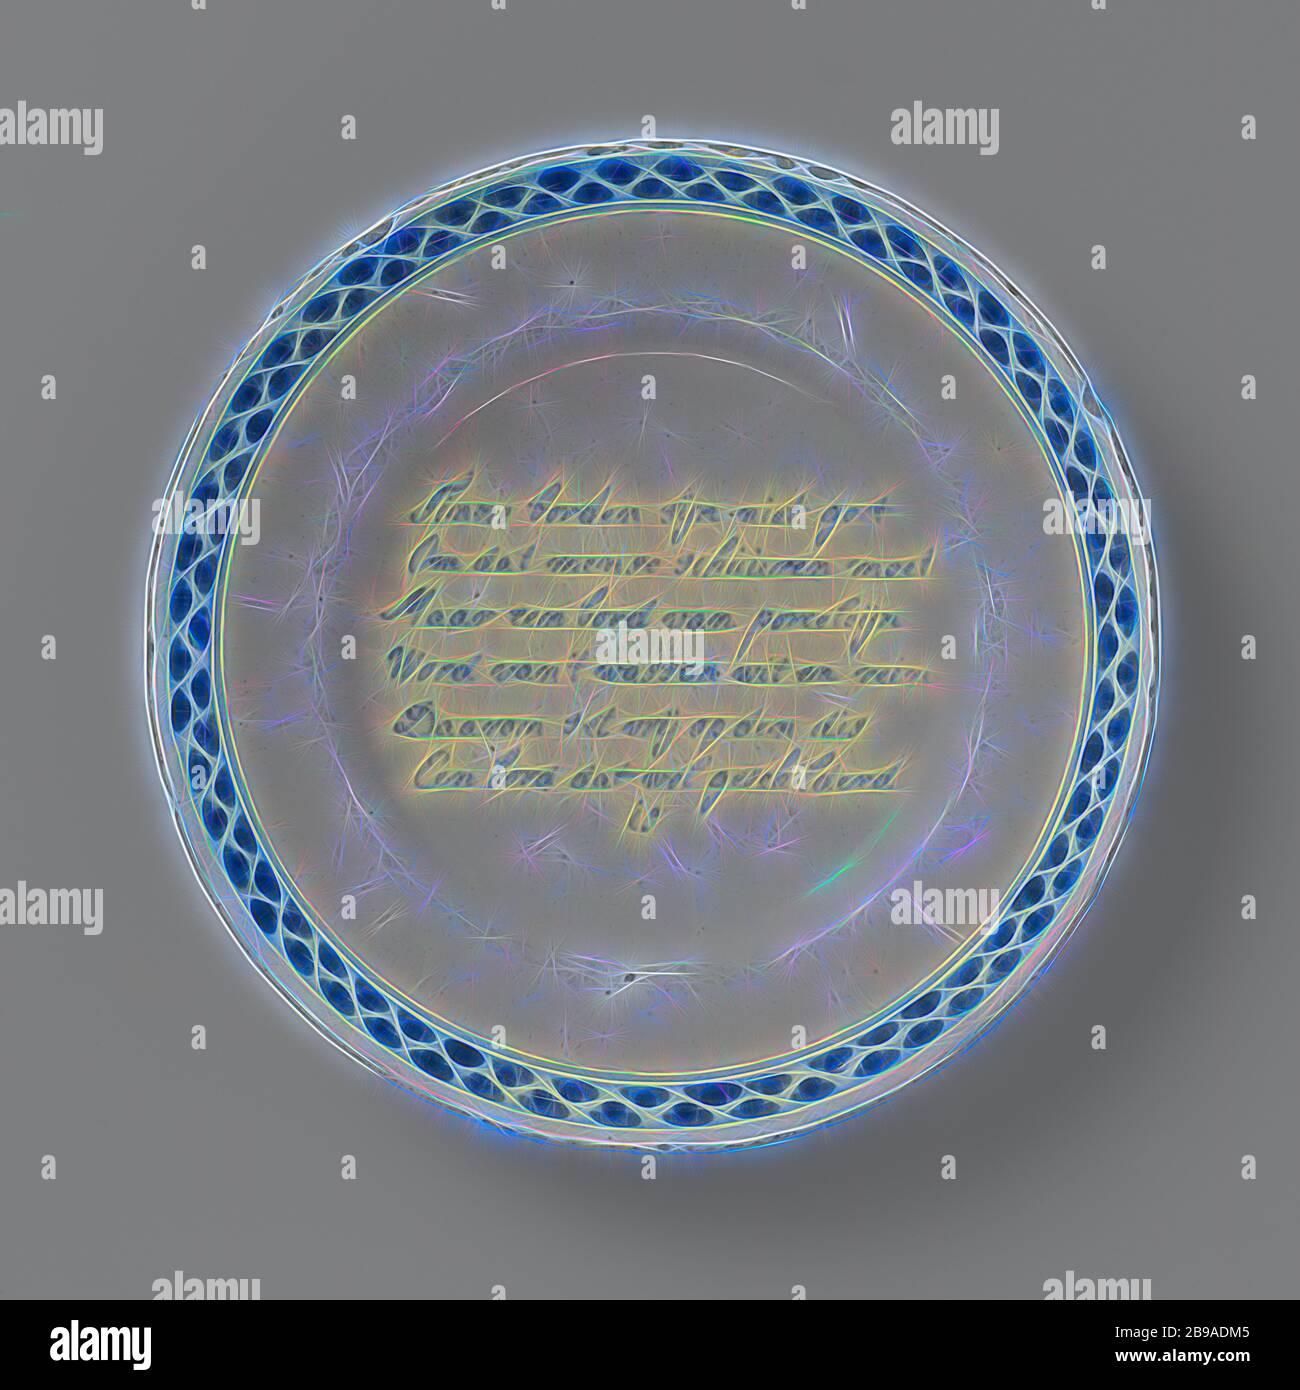 Teller mit einem Vers gemalt: Tinne Platten sind nicht gut // weil die Menschen müssen Schuppen ... Eine Platte, die gemalt ist // Platte der Fayence. Blau mit einem Vers und einem dekorierten Rand. Der Vers lautet: Tinne Platten sind nicht gut // weil die Leute zu werfen haben // aber eine Platte aus Porzellan // weiß und sauber geworden // Deshalb ist es auf der Scheibe frei gesetzt // EINE Platte, die gemalt // ist., anonym, Delft, c. 1740 - c. 1755, d 22.5 cm, neu gestaltet von Gibon, Design von warmen fröhlichen Leuchten von Helligkeit und Lichtstrahlen Ausstrahlung. Klassische Kunst neu erfunden mit einem modernen Twist. Fotografie inspiriert von Fut Stockfoto